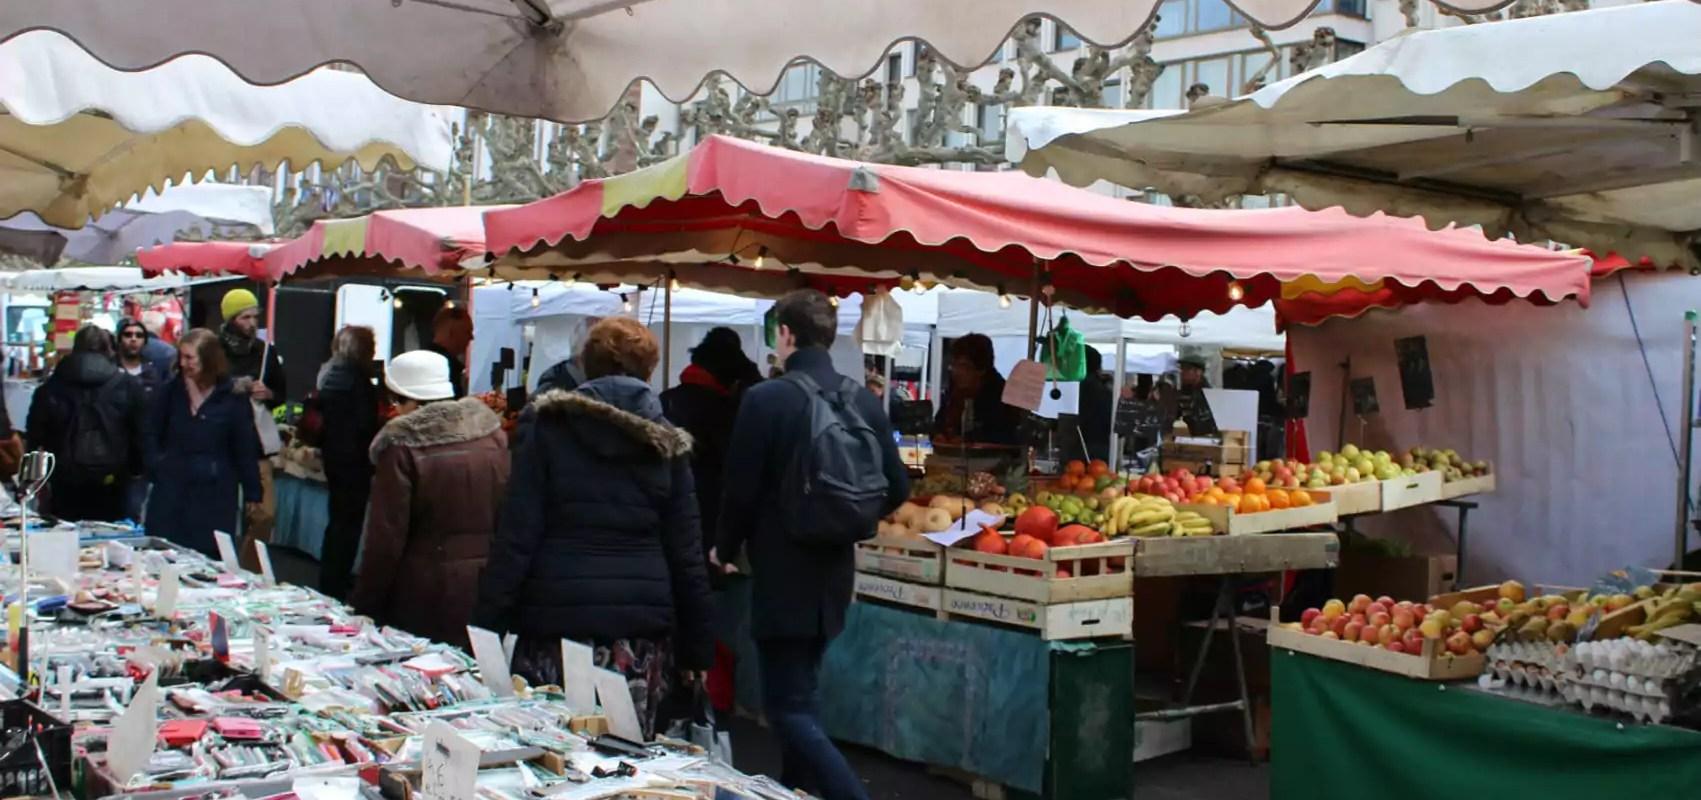 Marché de Noël : les commerçants du marché Broglie craignent d'être les dindons de la farce